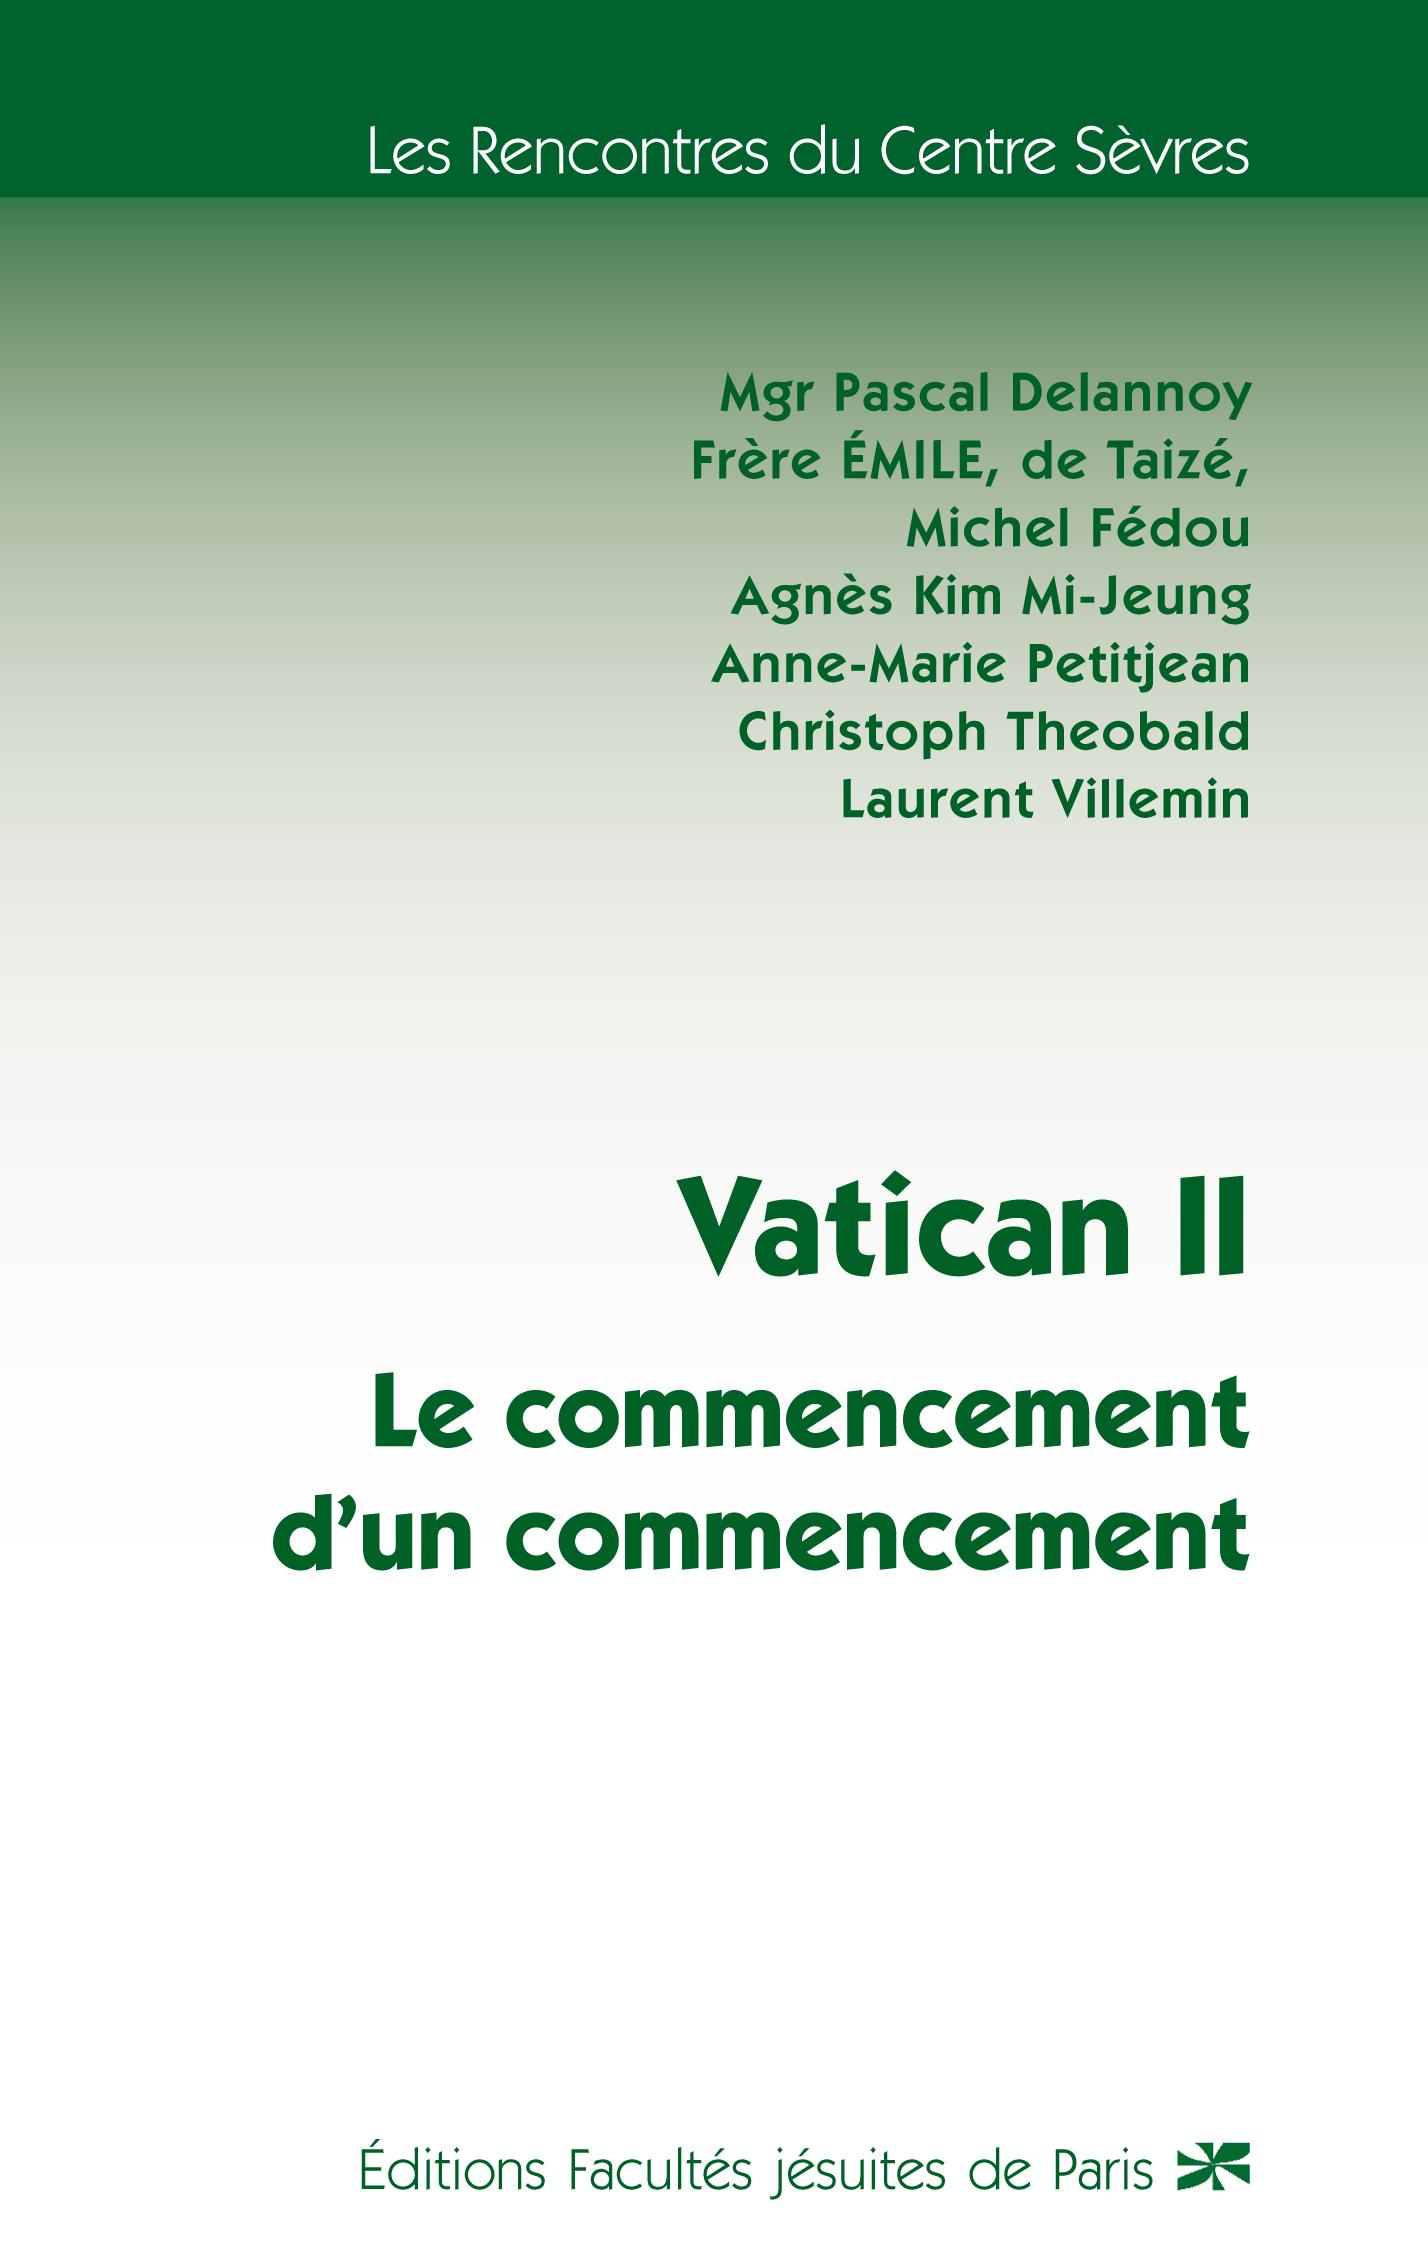 VATICAN II : LE COMMENCEMENT D'UN COMMENCEMENT